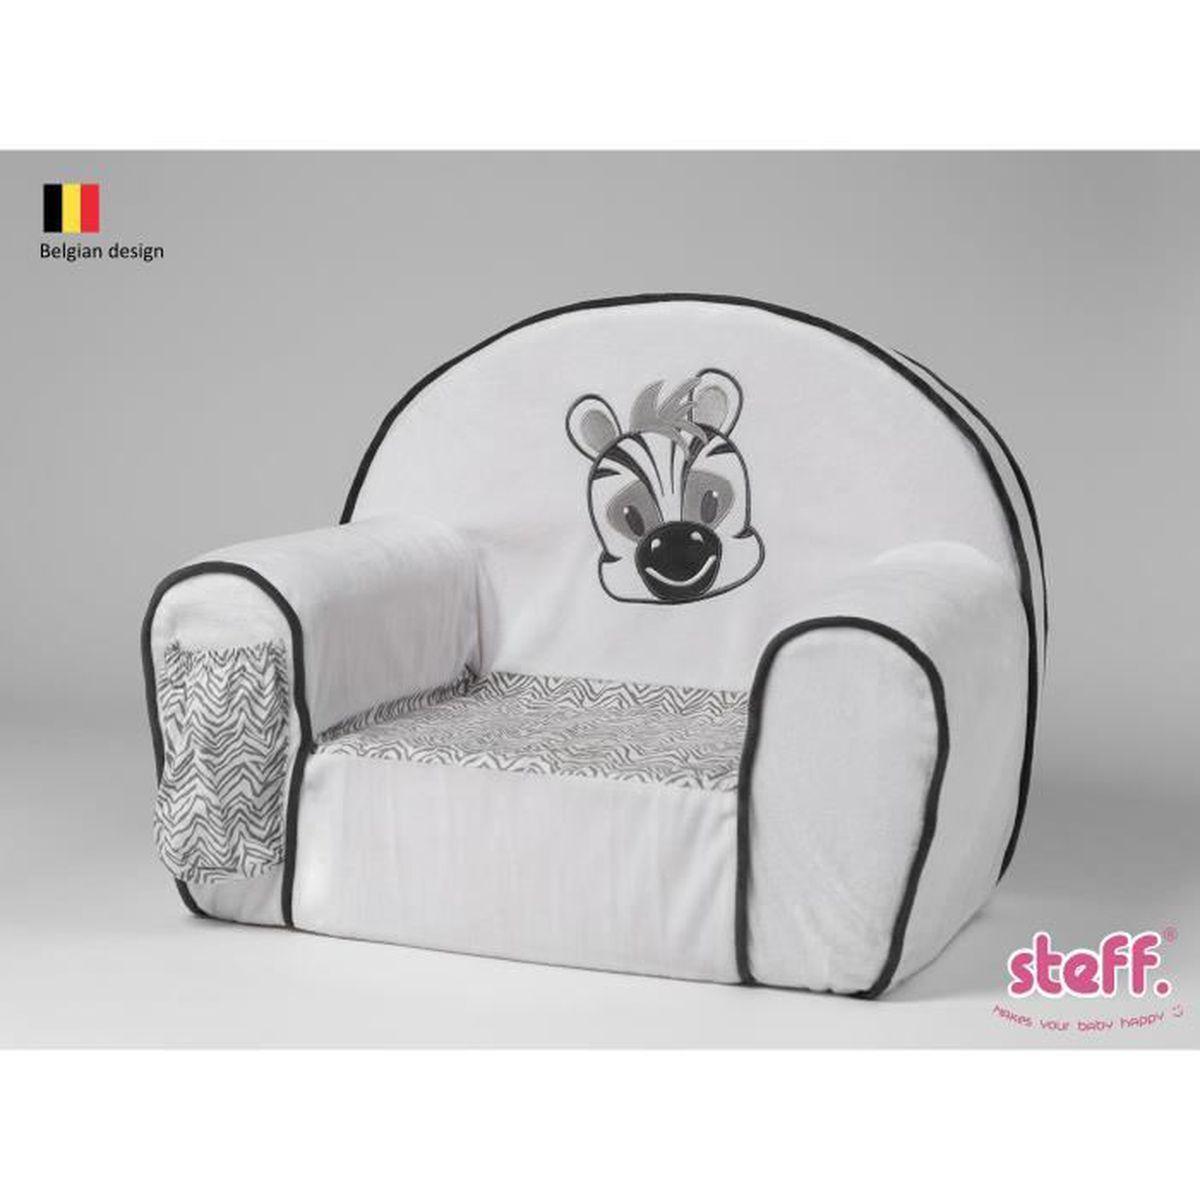 """Fauteuil Zebre Pas Cher en ce qui concerne fauteuil bébé collection """" zèbre """" - achat / vente fauteuil - canapé"""